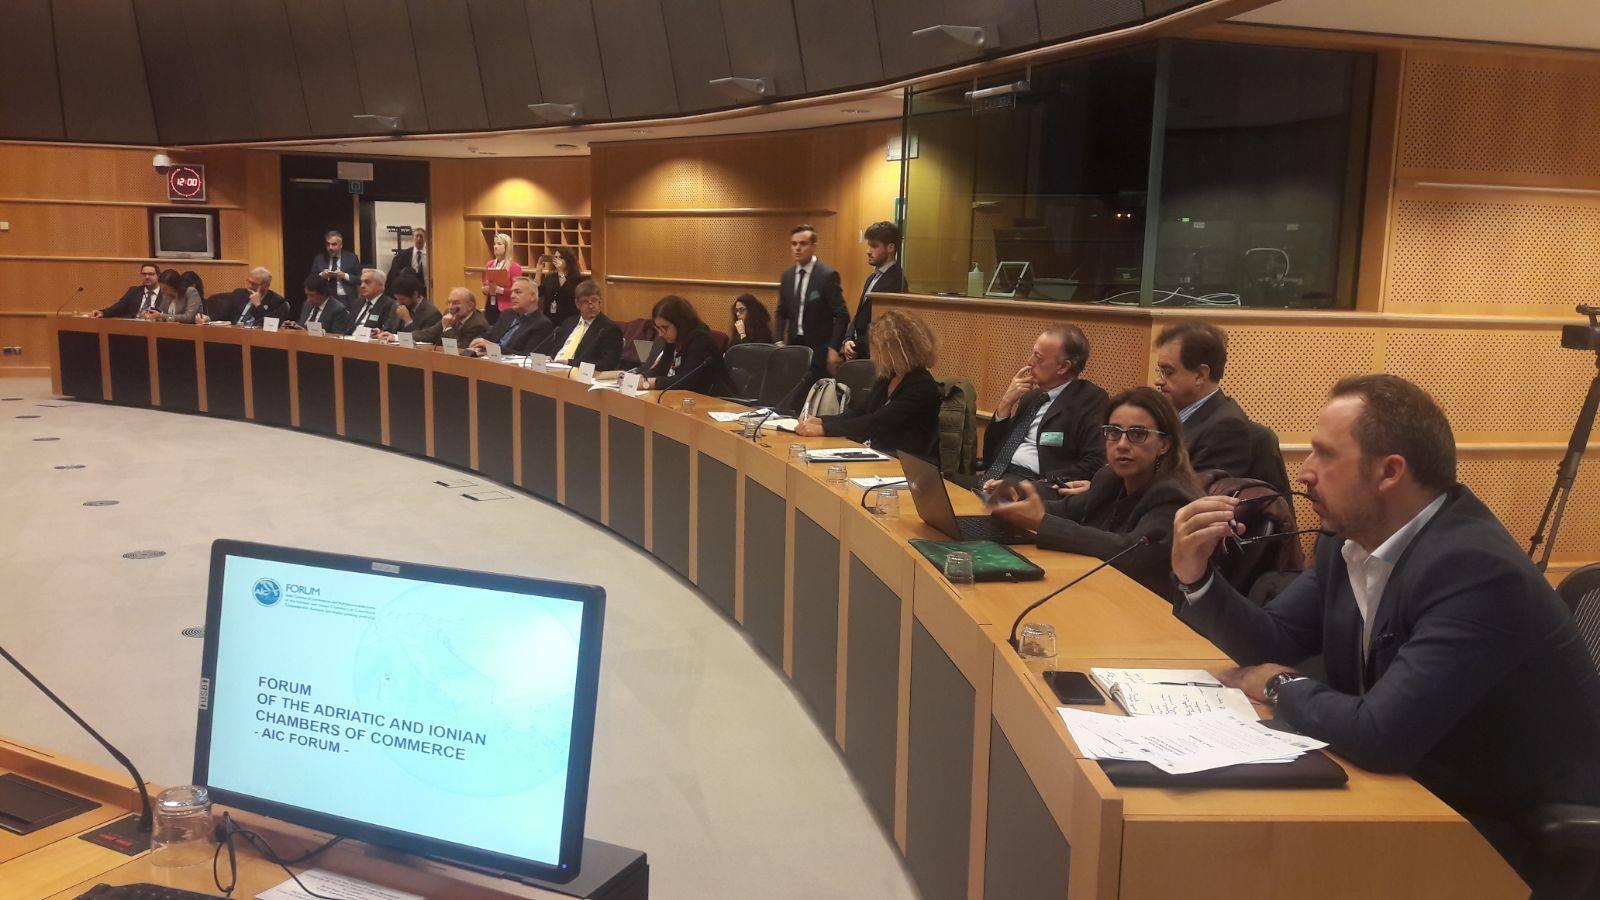 La delegazione al Parlamento Europeo di Bruxelles - foto Camera Commercio Ancona